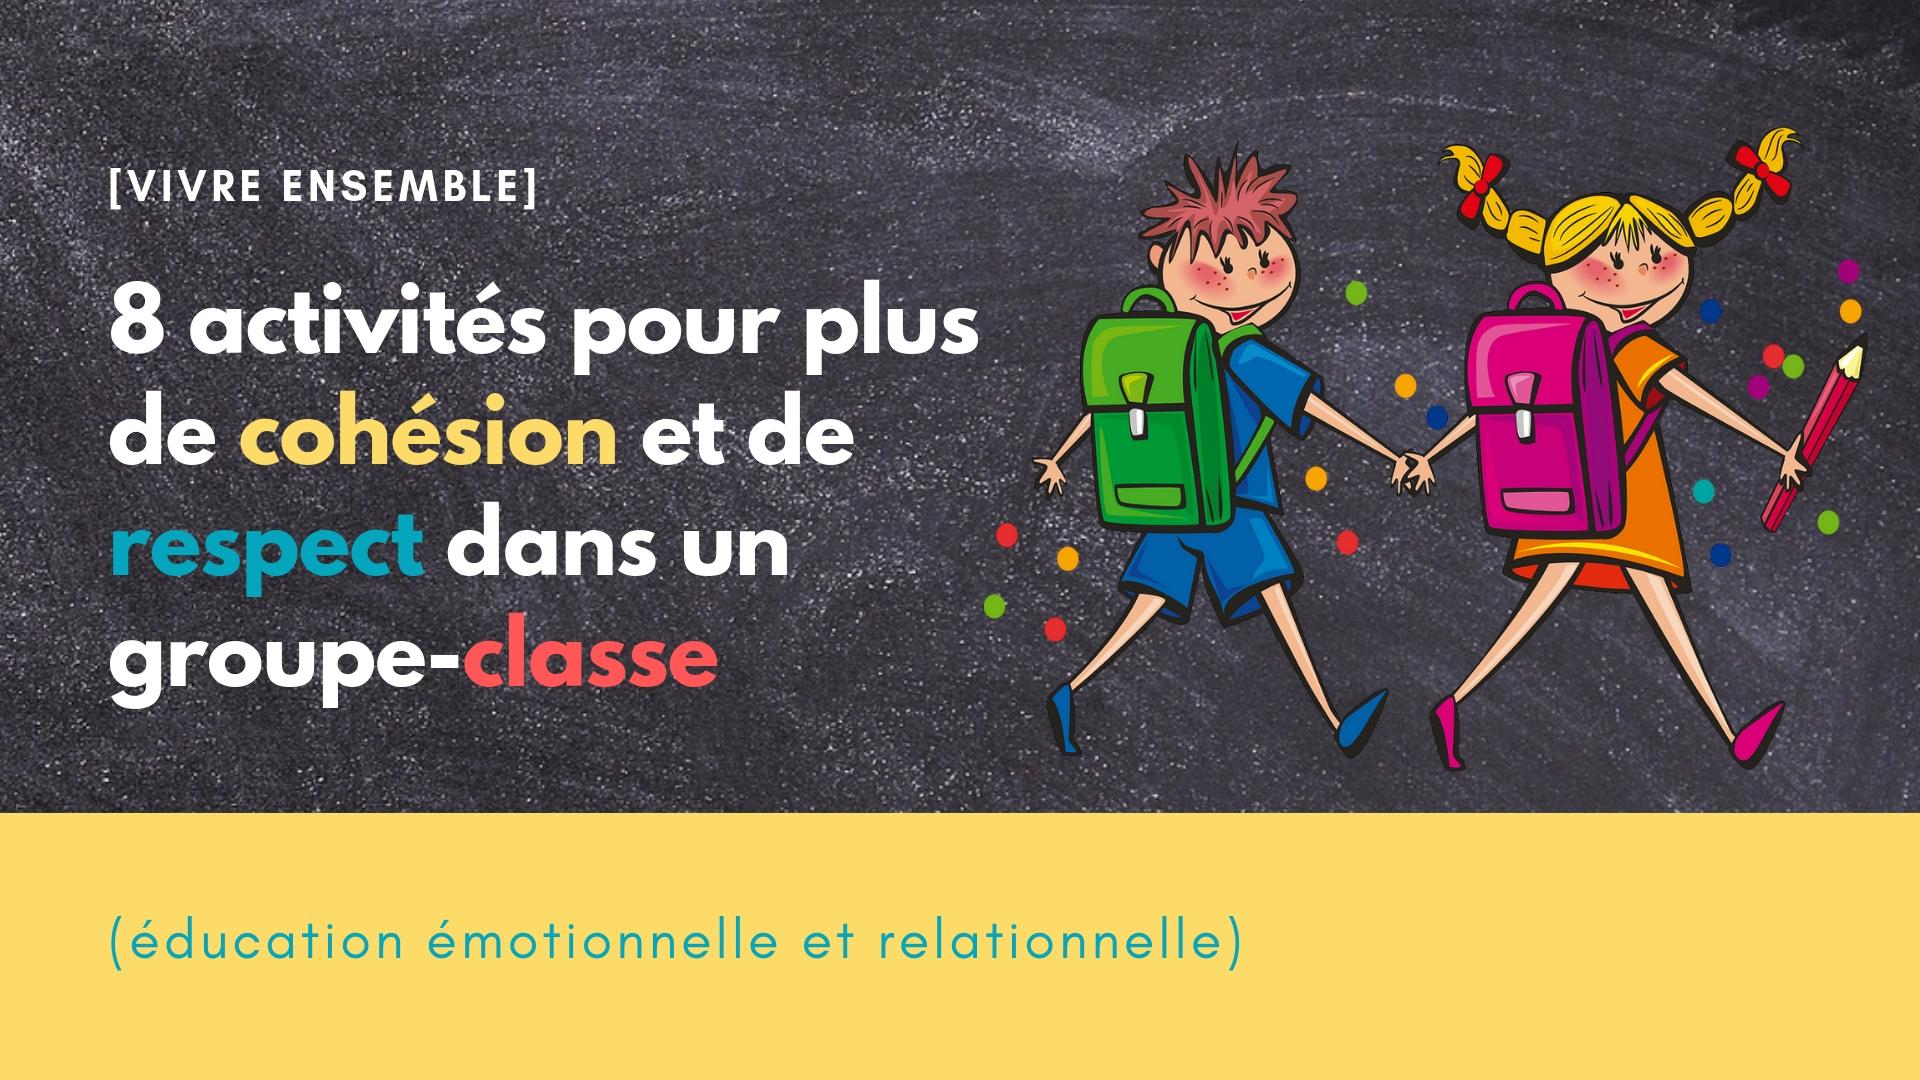 8 activités pour plus de cohésion et de respect dans un groupe-classe (éducation émotionnelle et relationnelle)